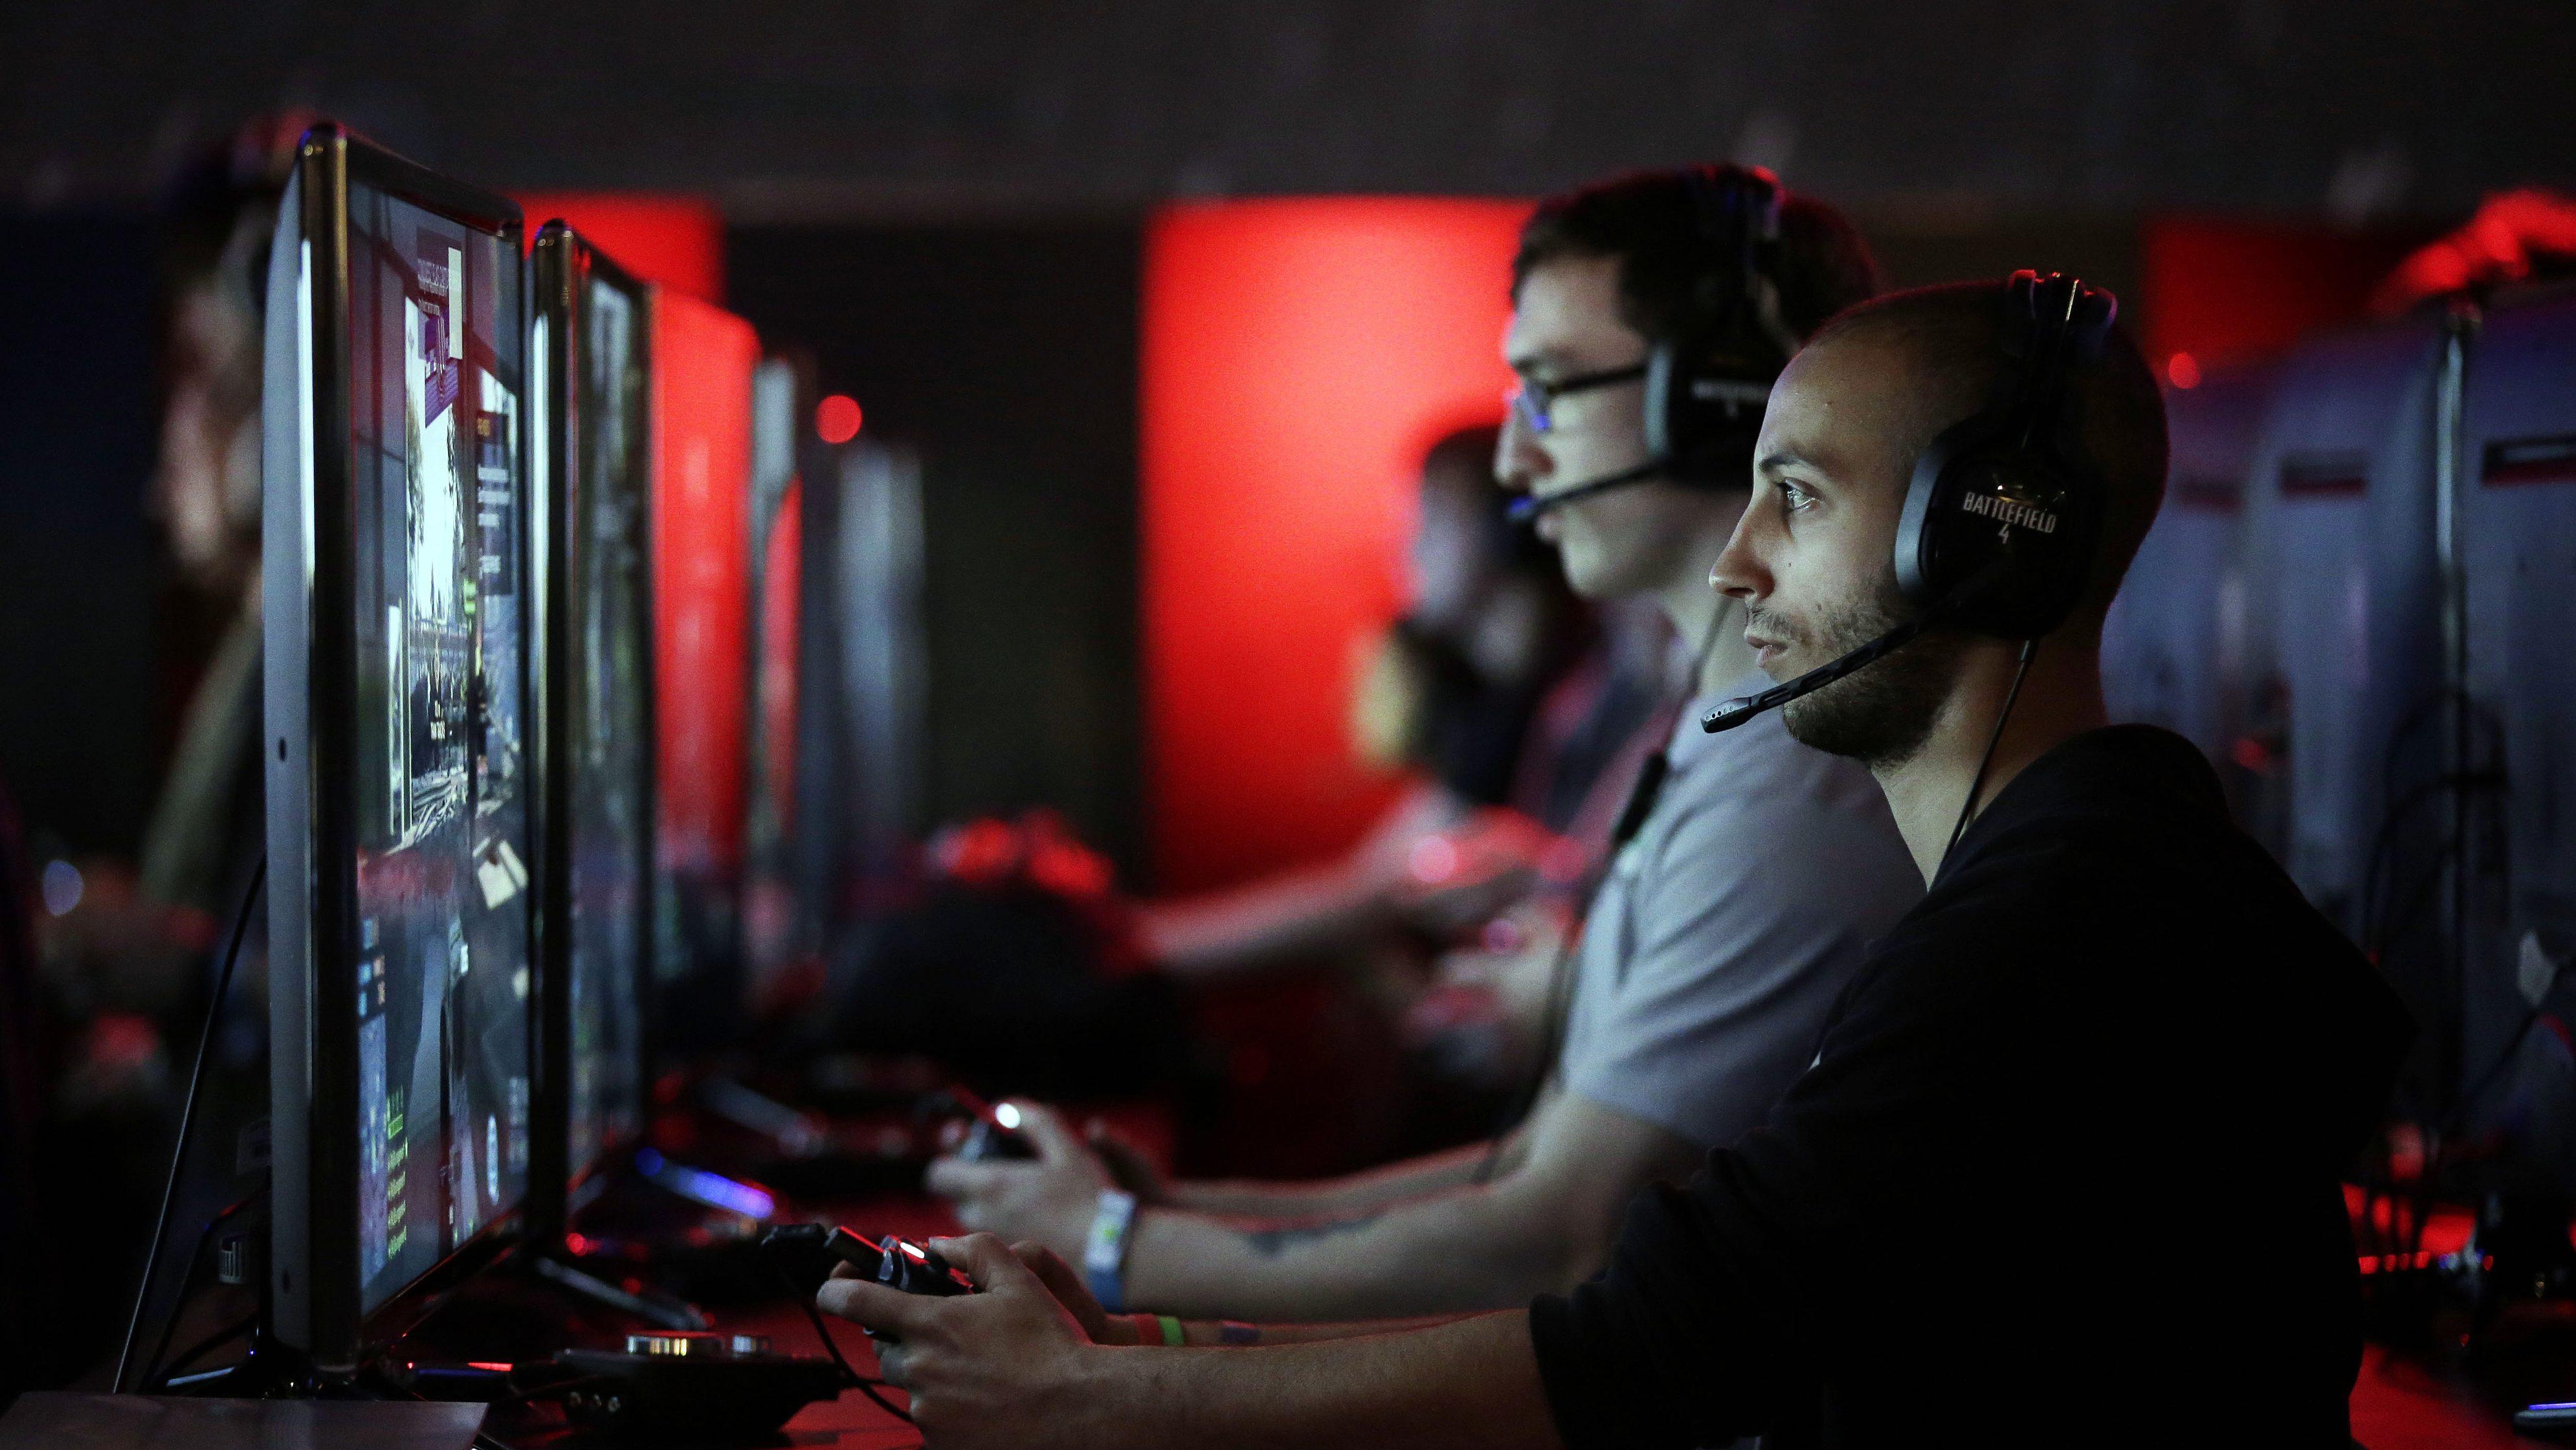 gameragy (videojáték, gamer, e-sport, e-atléta, neurológia, agy, kutatás, tudomány)